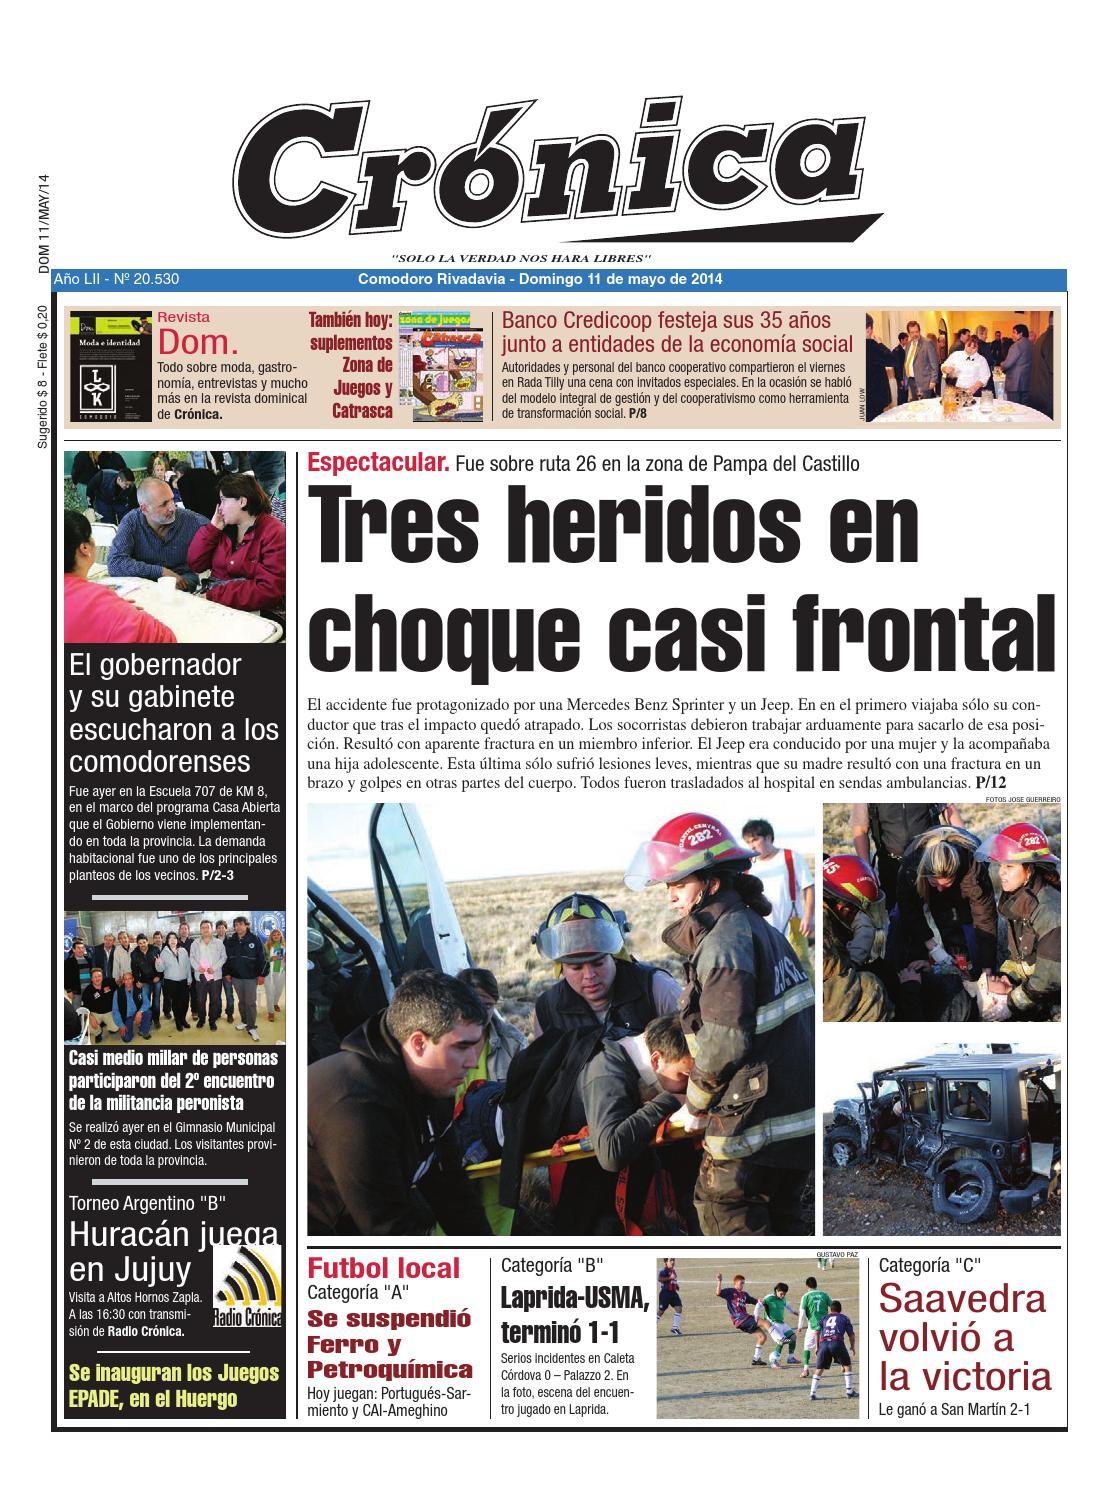 Adaee518bdf511ff4b083fe86d7d4b7e by Diario Crónica - issuu